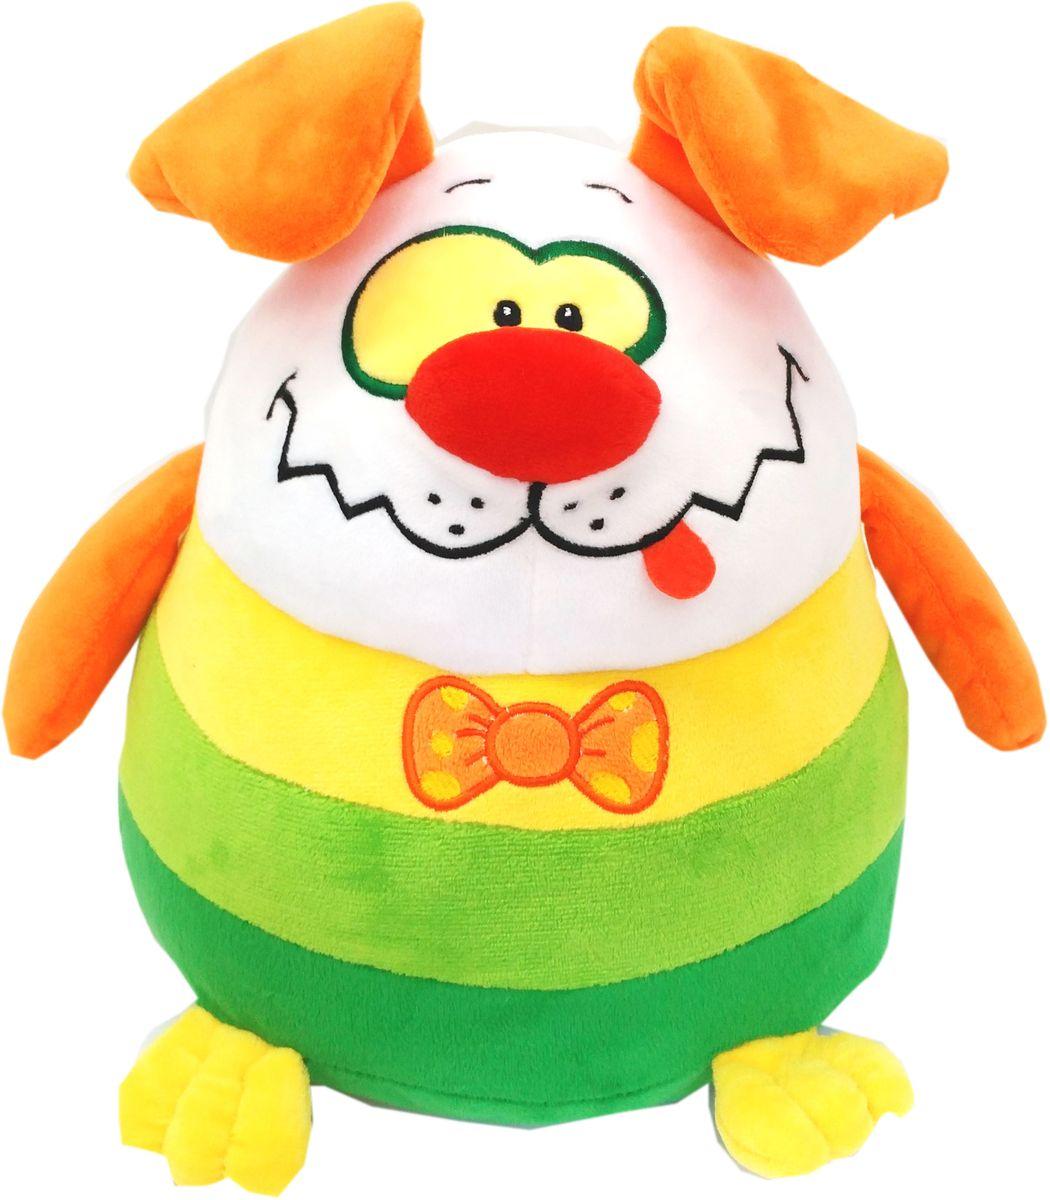 СмолТойс Мягкая игрушка Щенок-шарик 27 см